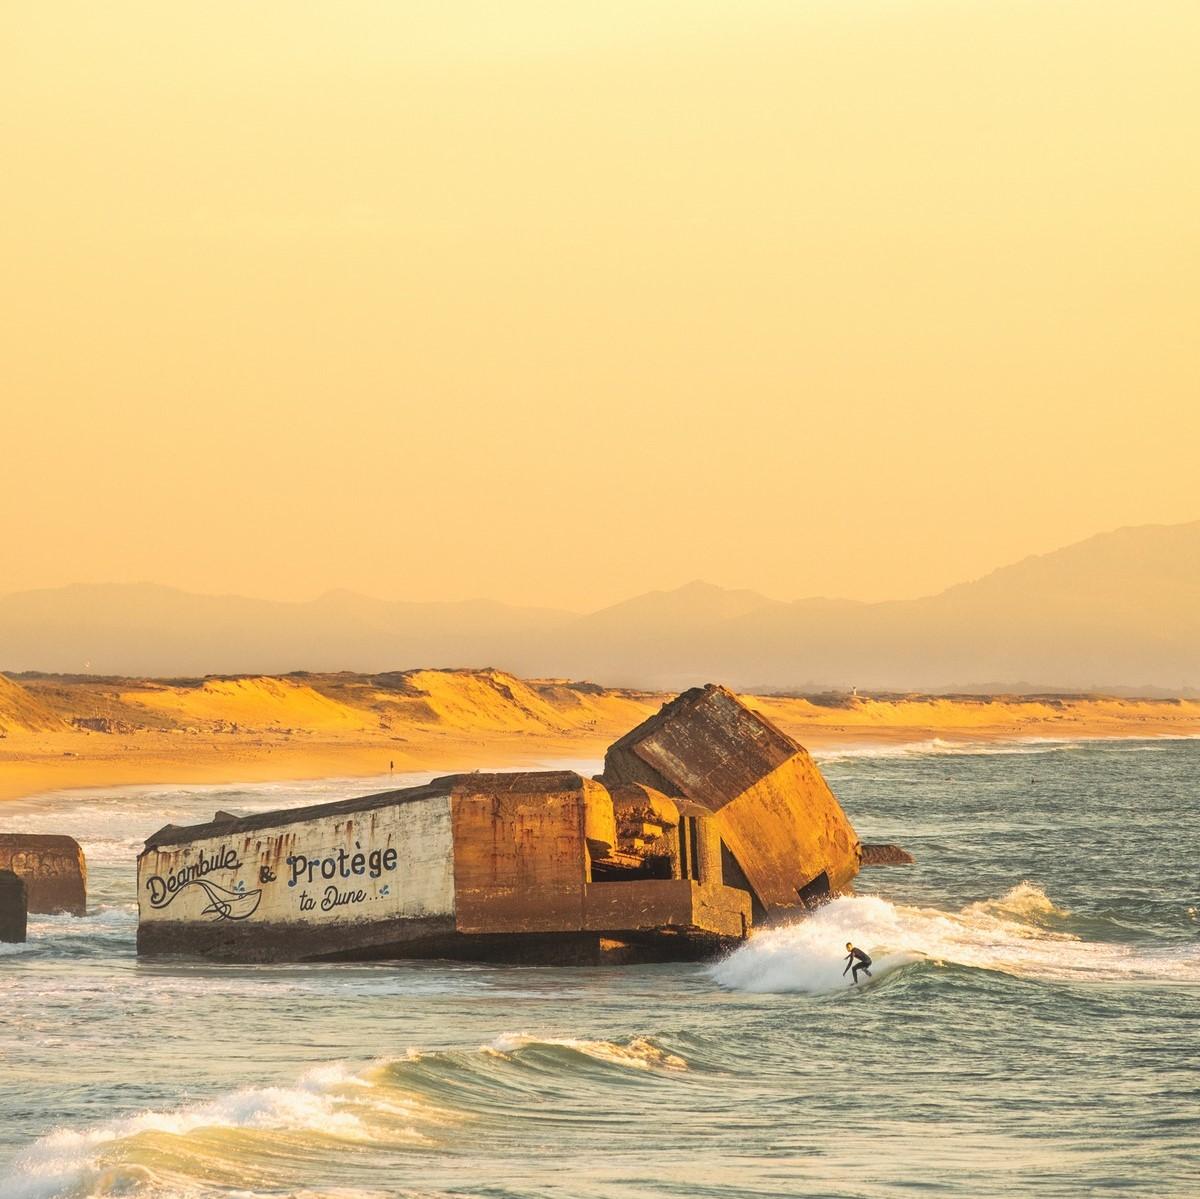 capbreton surf à santocha au coucher de soleil